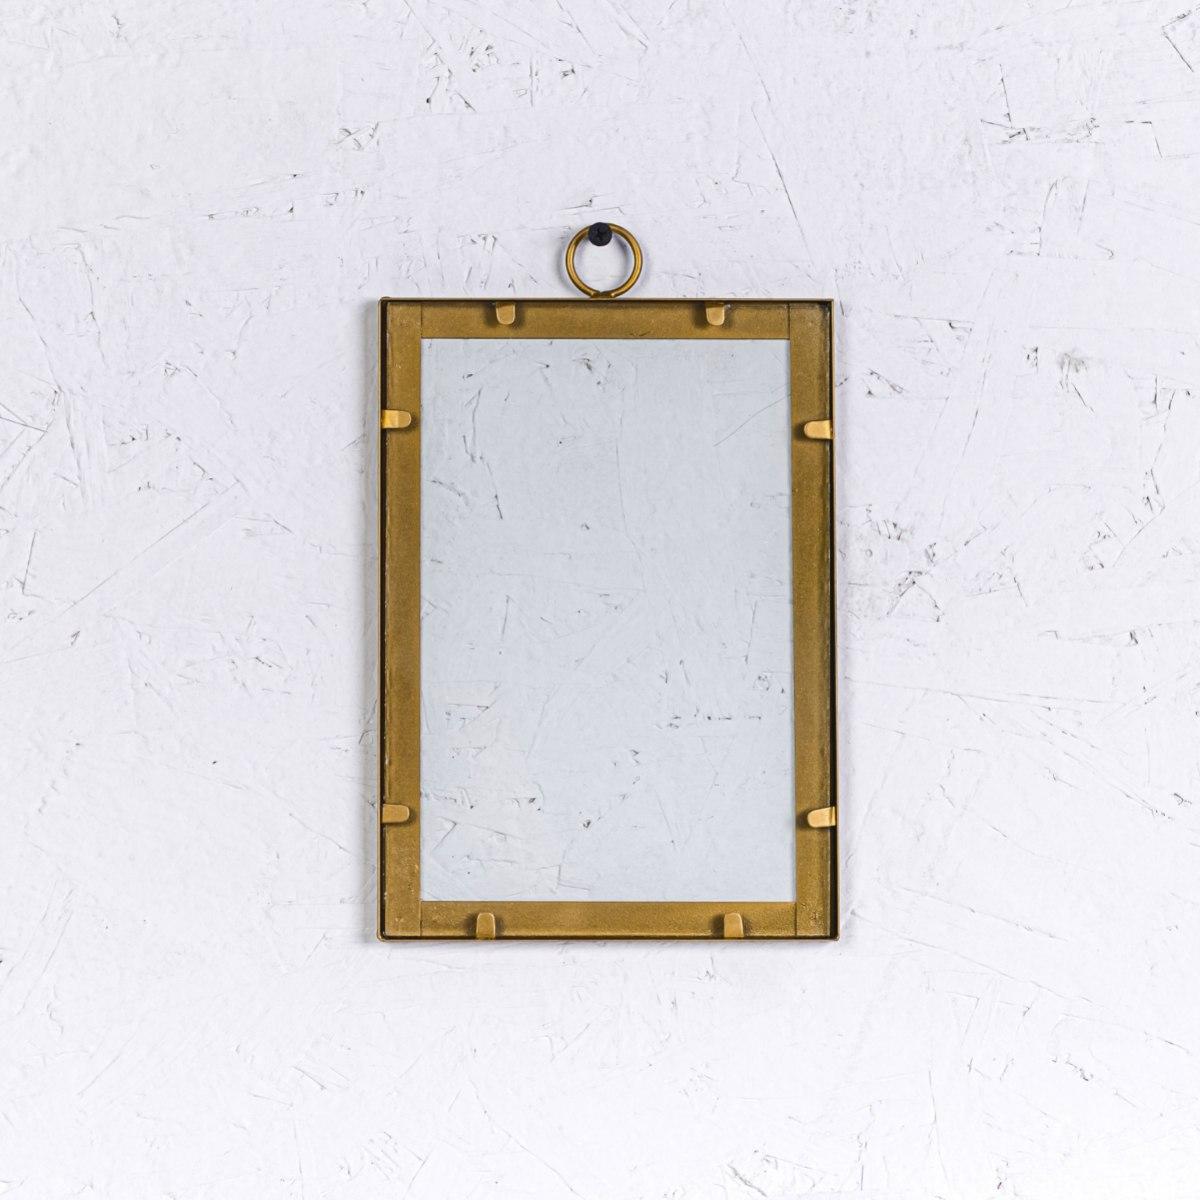 מסגרת ברזל זהב - גודל בינוני